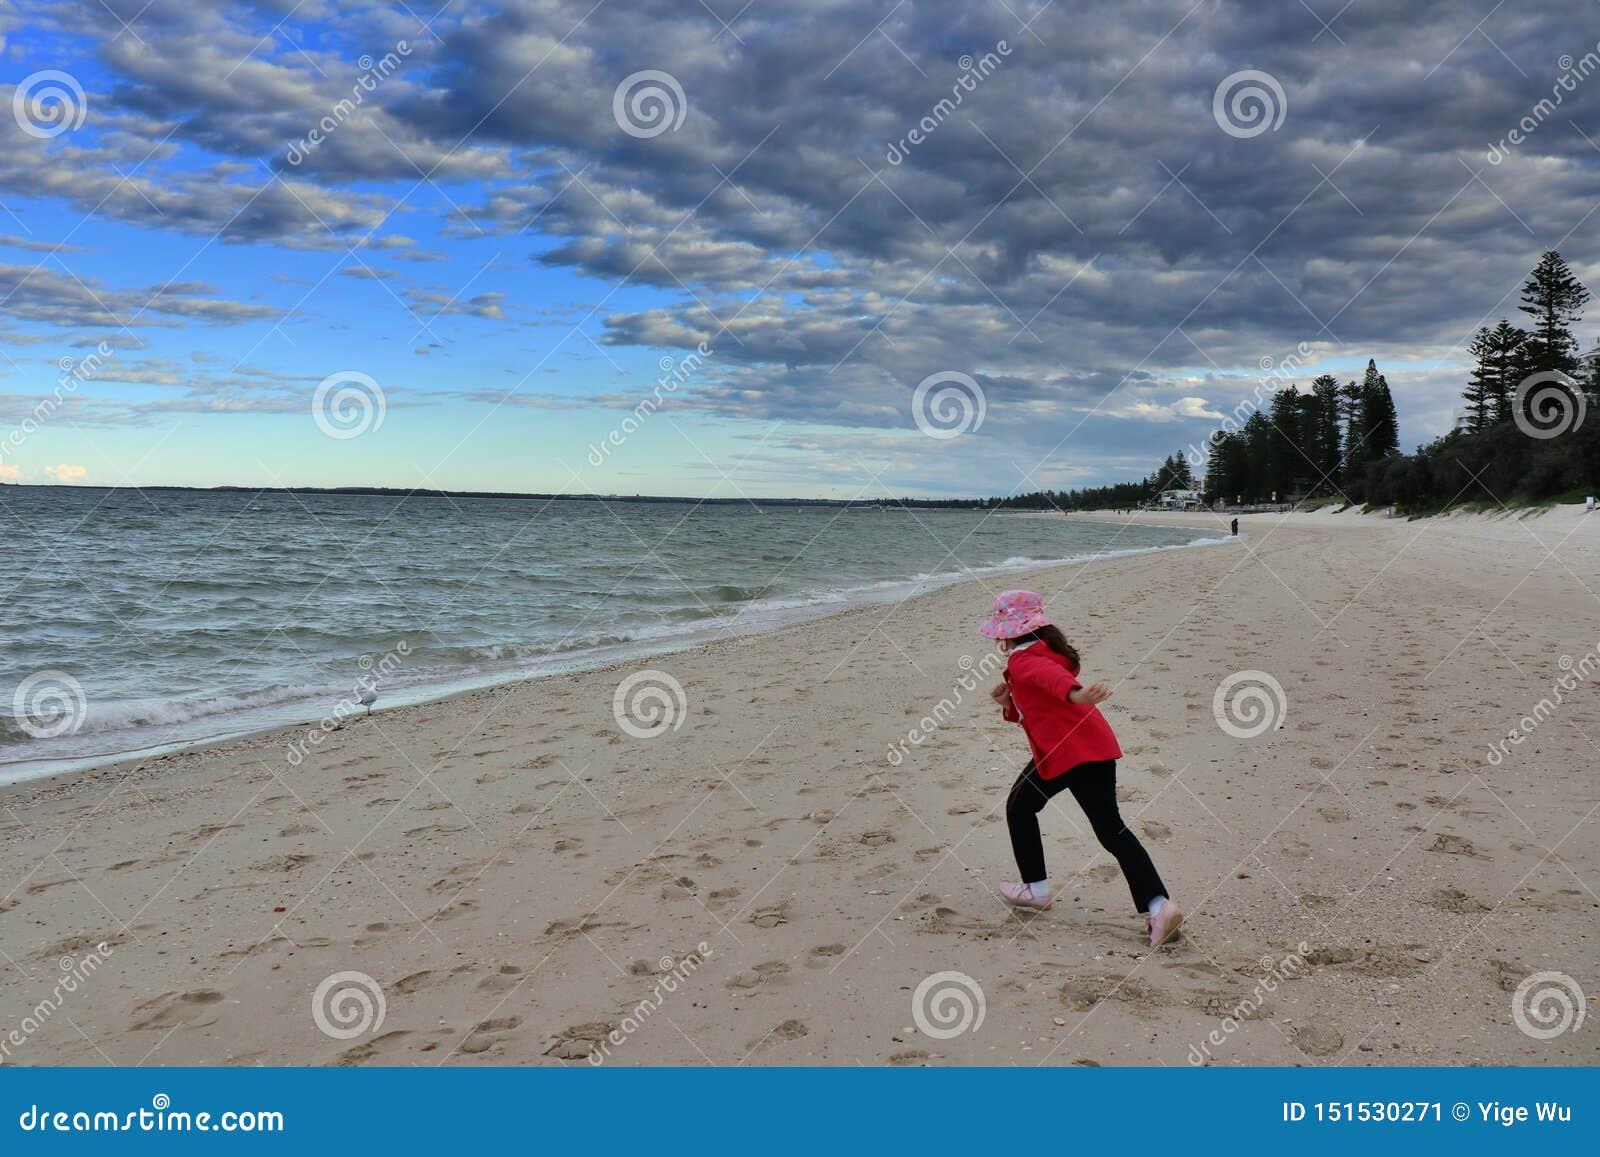 Éclairez Le Sands Plage-Le que la petite fille en rouge a courue à la mer